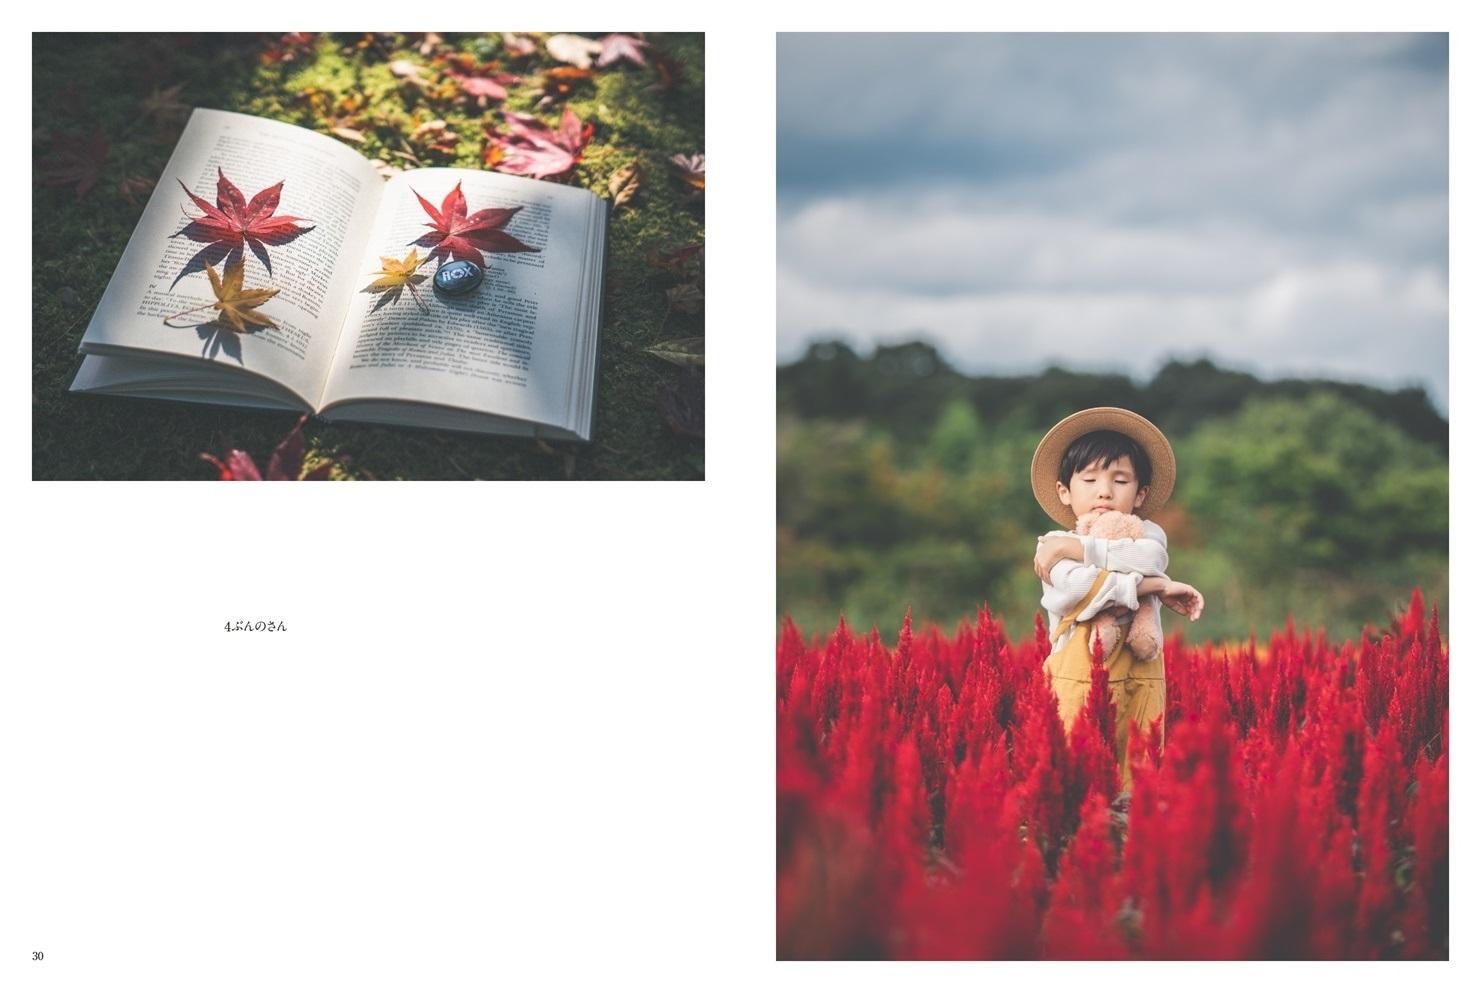 フォトブック 30ページ目